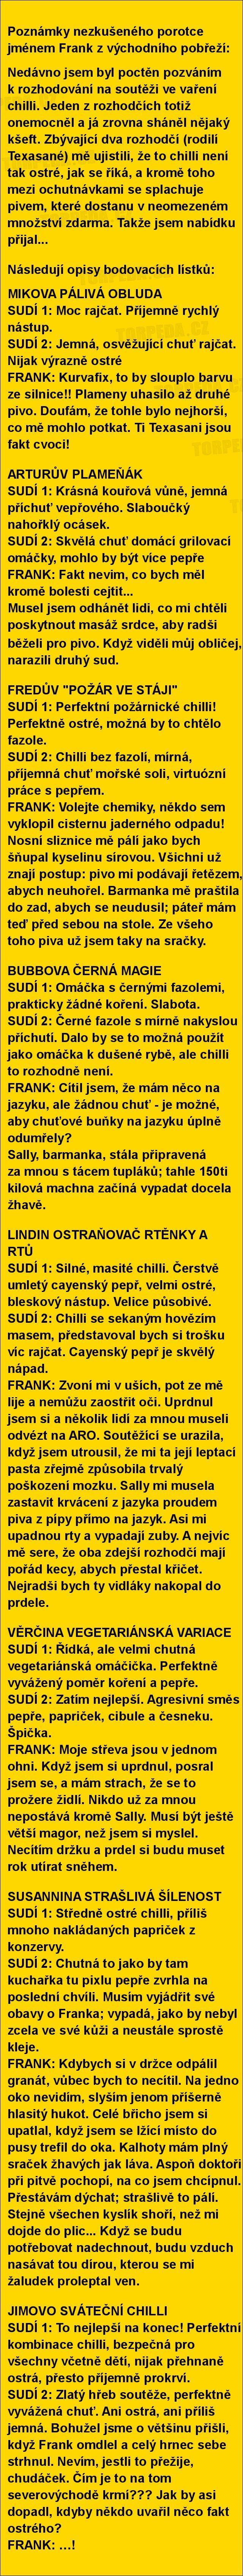 Poznámky nezkušeného porotce jménem Frank z východního pobřeží... | torpeda.cz - vtipné obrázky, vtipy a videa